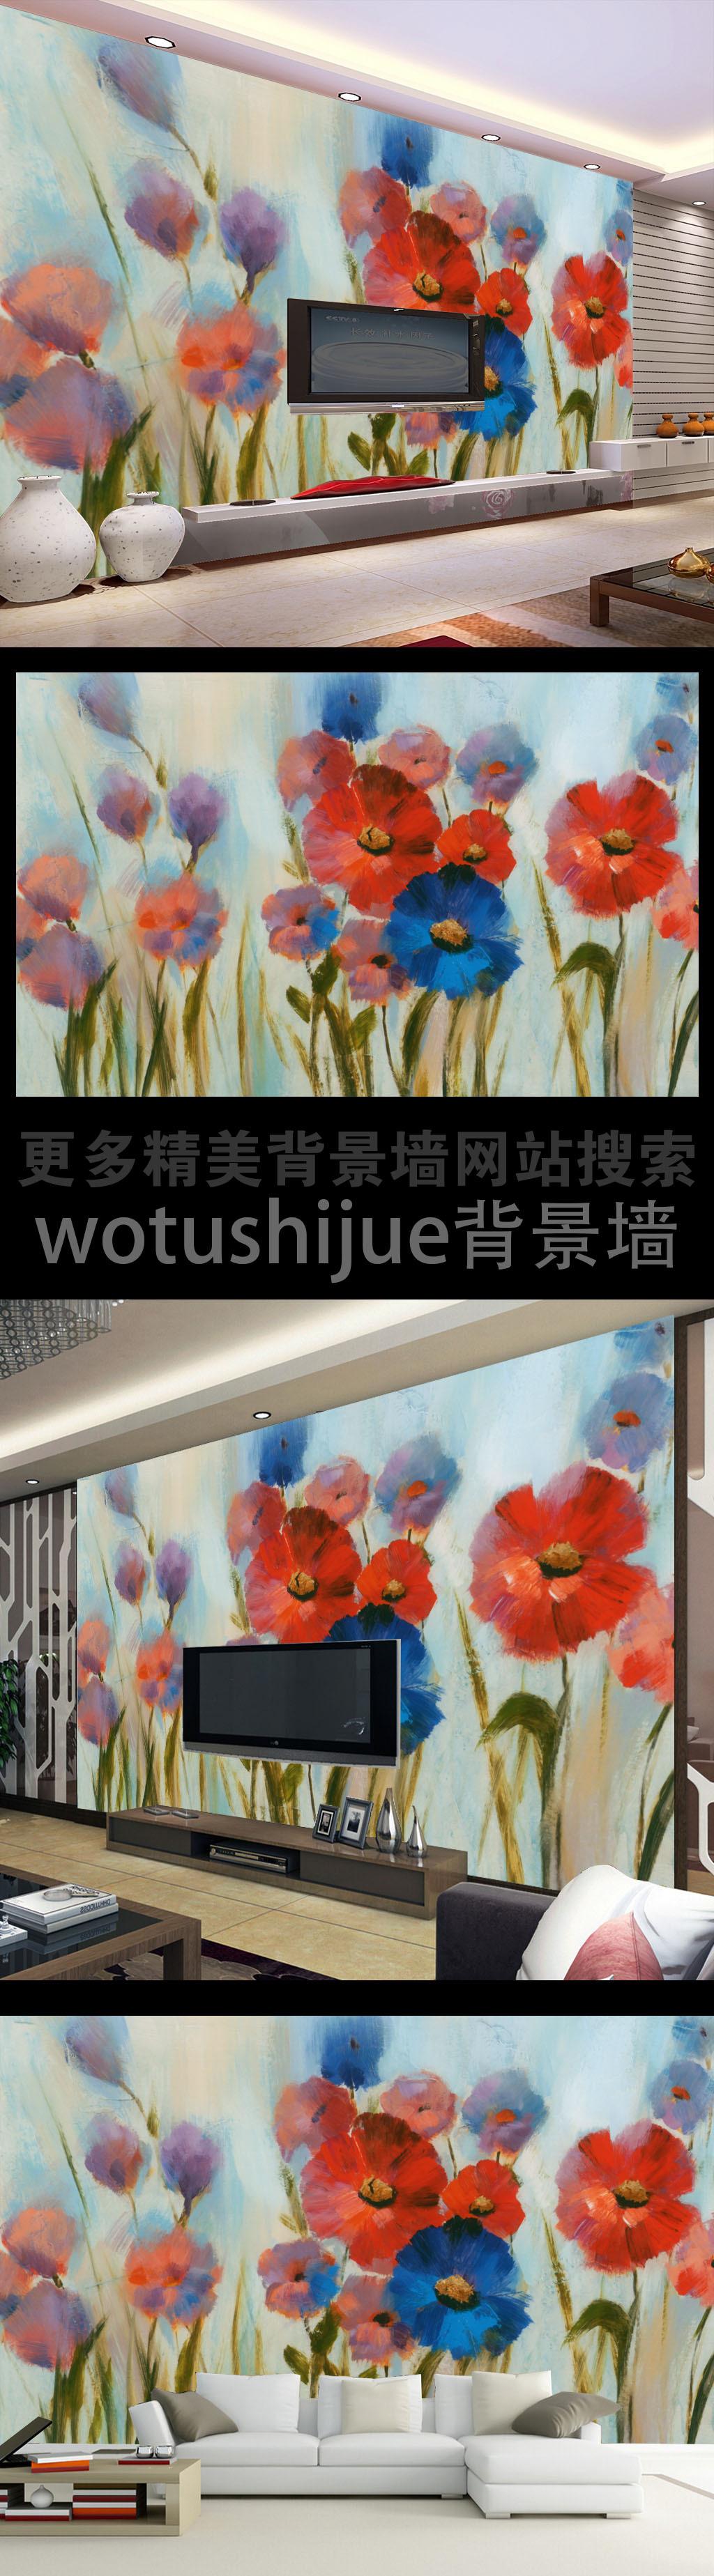 背景墙 简约背景墙 手绘花朵 油画背景墙 花朵 抽象花朵 油画装饰画